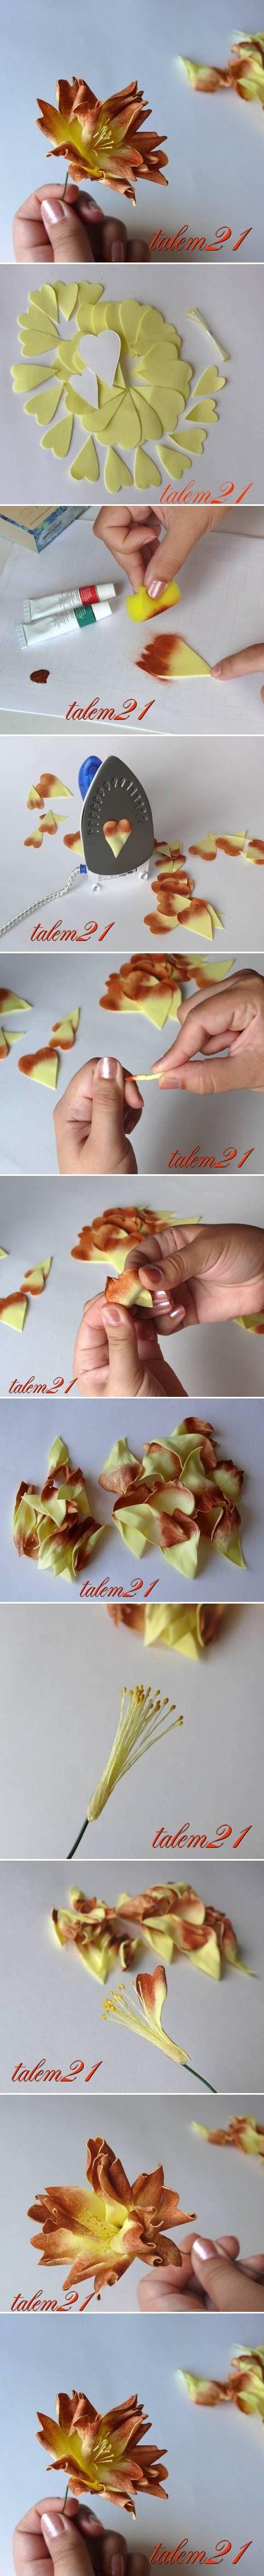 Fabric? DIY Fantasy Flower DIY Fantasy Flower